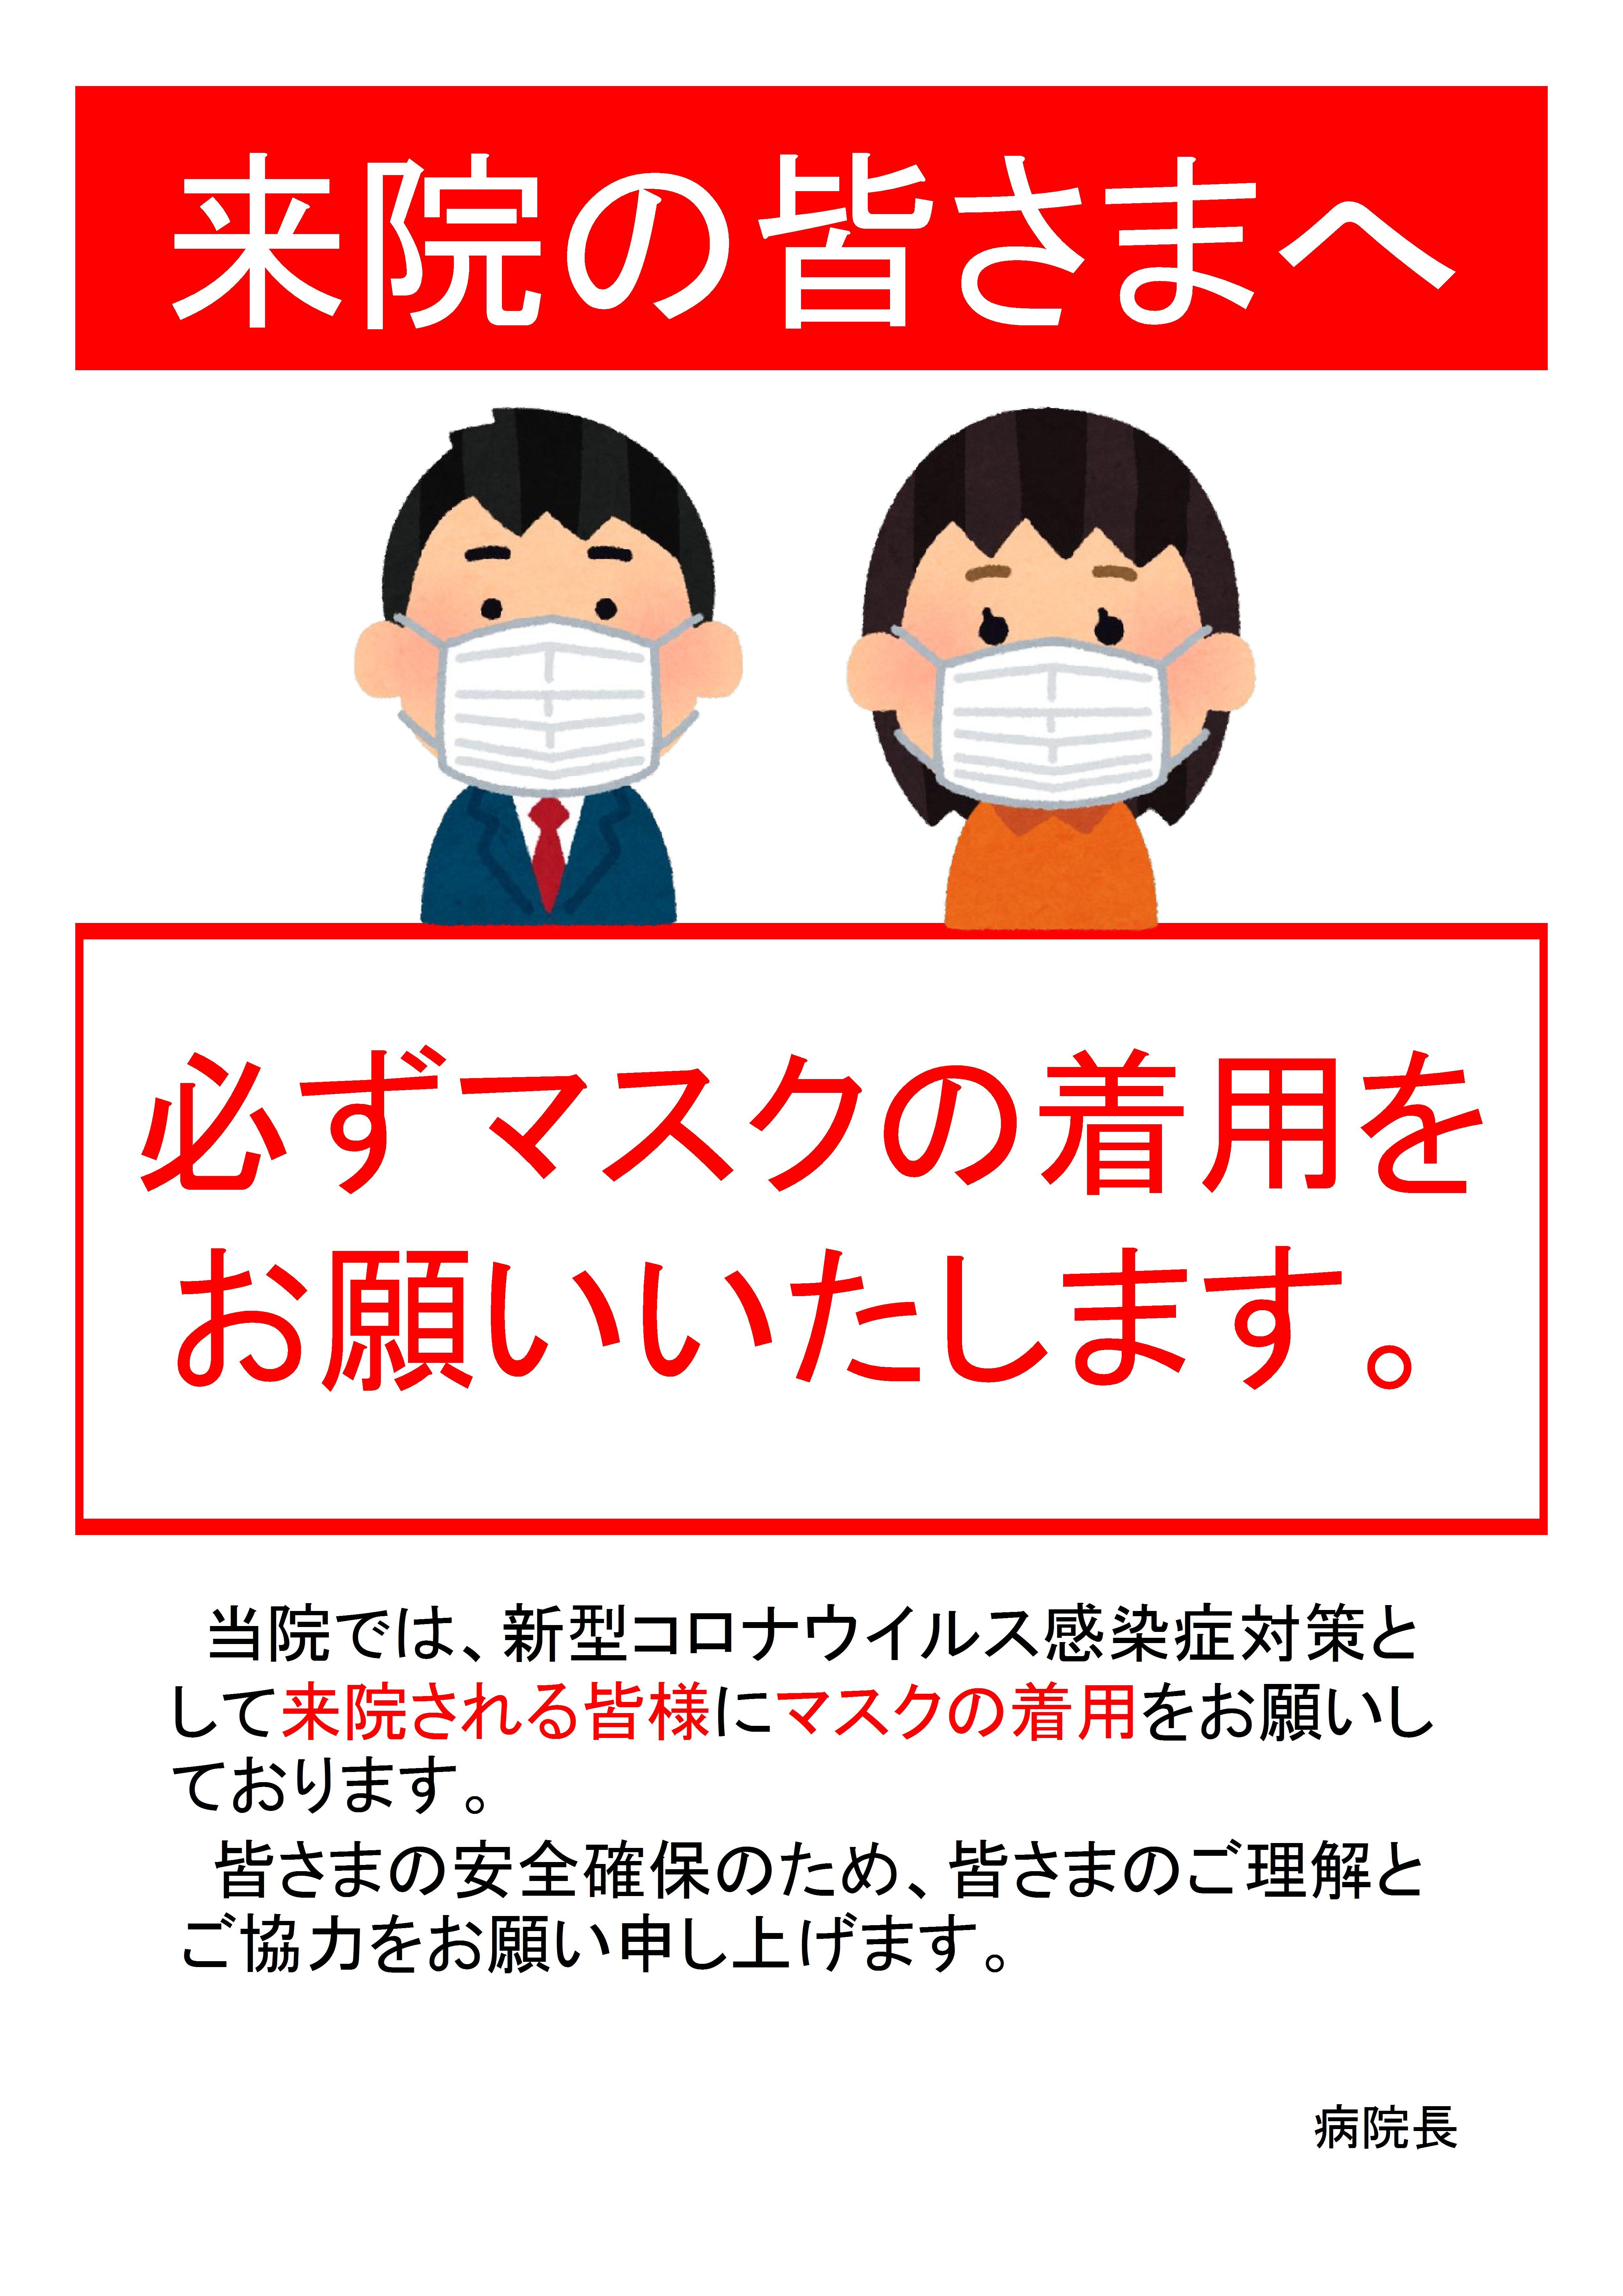 着用 の お願い マスク